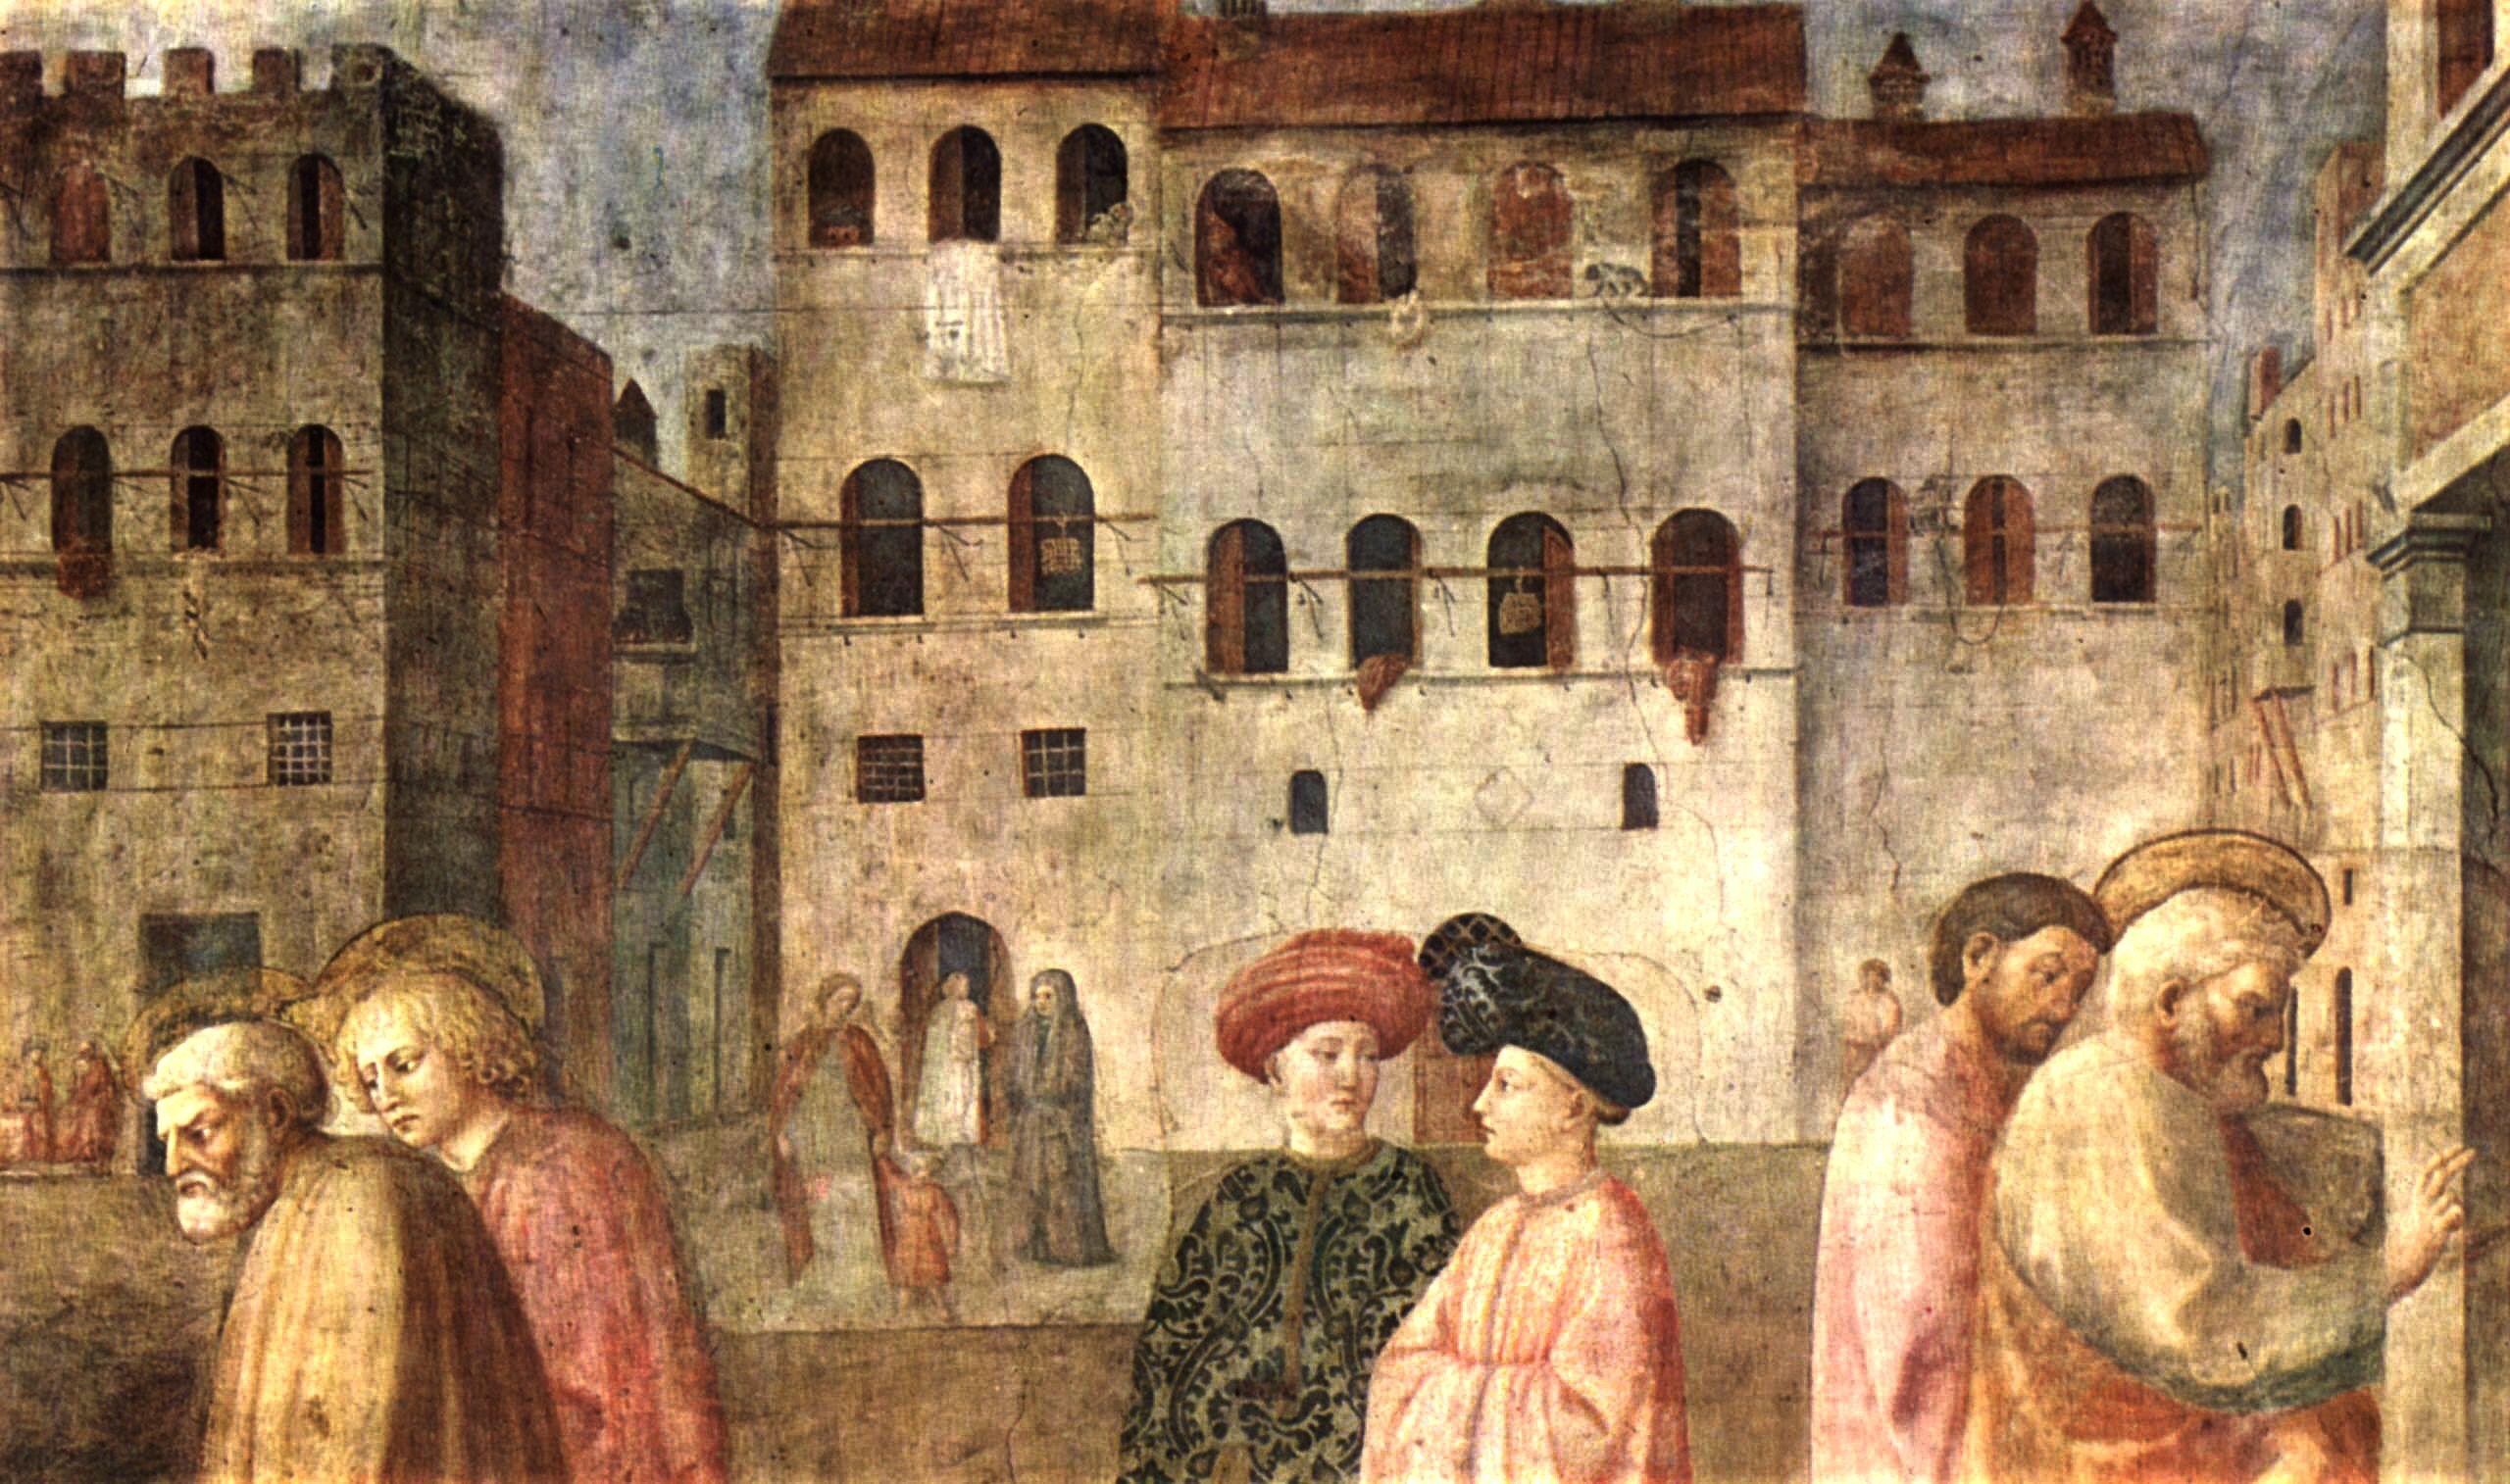 Case a più piani con stanghe alle finestre. Mascolino e Masaccio, La resurrezione di  Tabita e il miracolo dello storpio, affresco, fine XV secolo. Firenze, Santa Maria del Carmine, Cappella Brancacci.